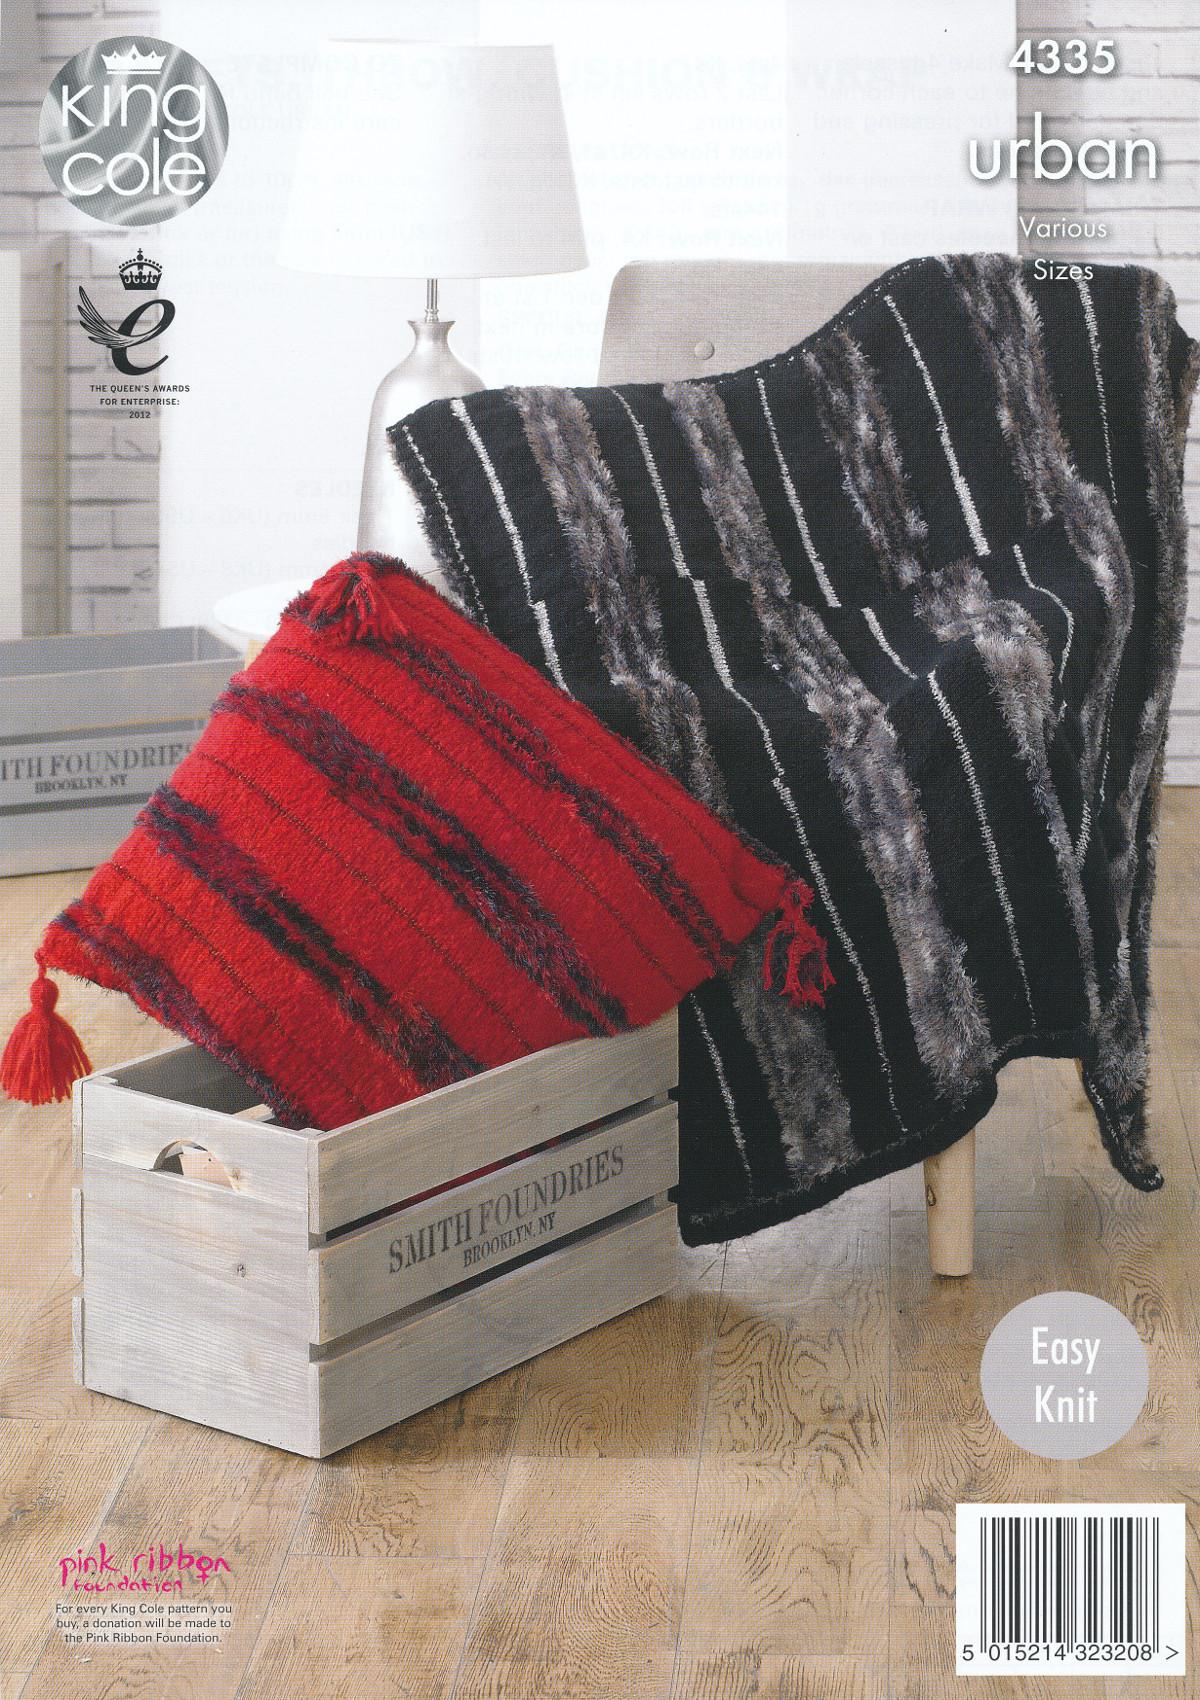 Knitting Pattern Blanket Wrap : Easy Knit Knitting Pattern Blankets Throw Cushion & Wrap King Cole Urban ...